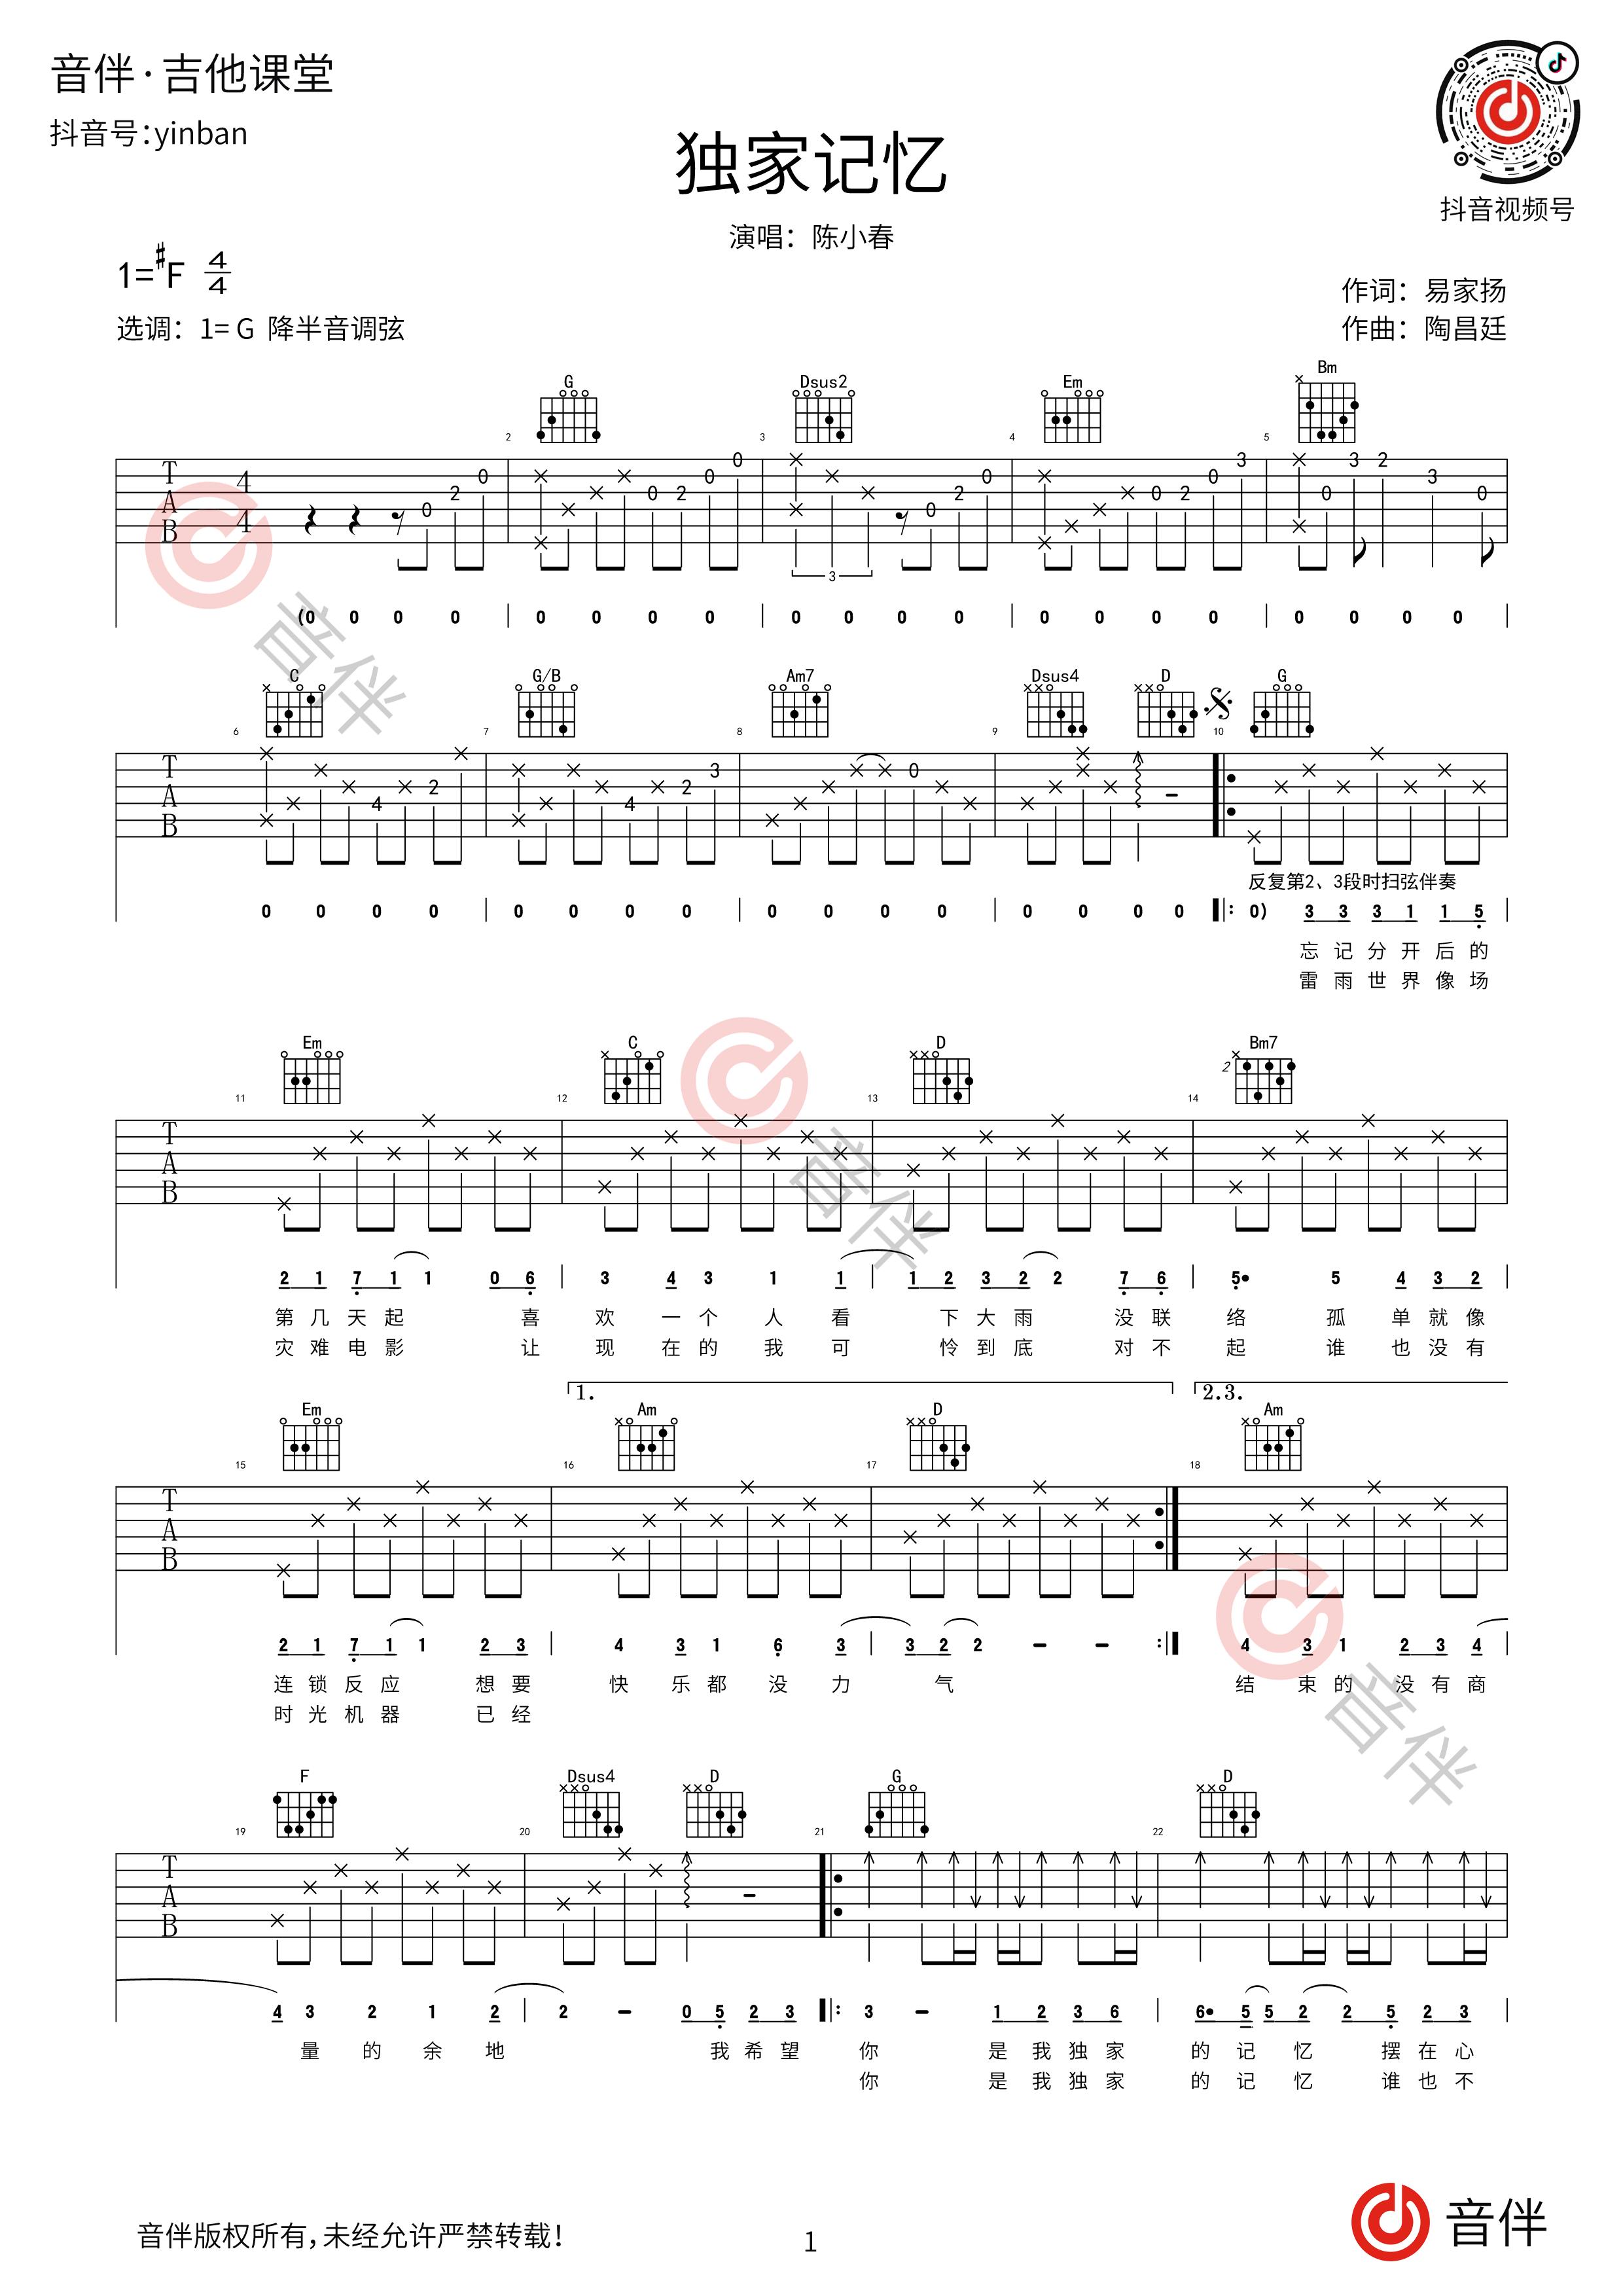 独家记忆吉他谱1